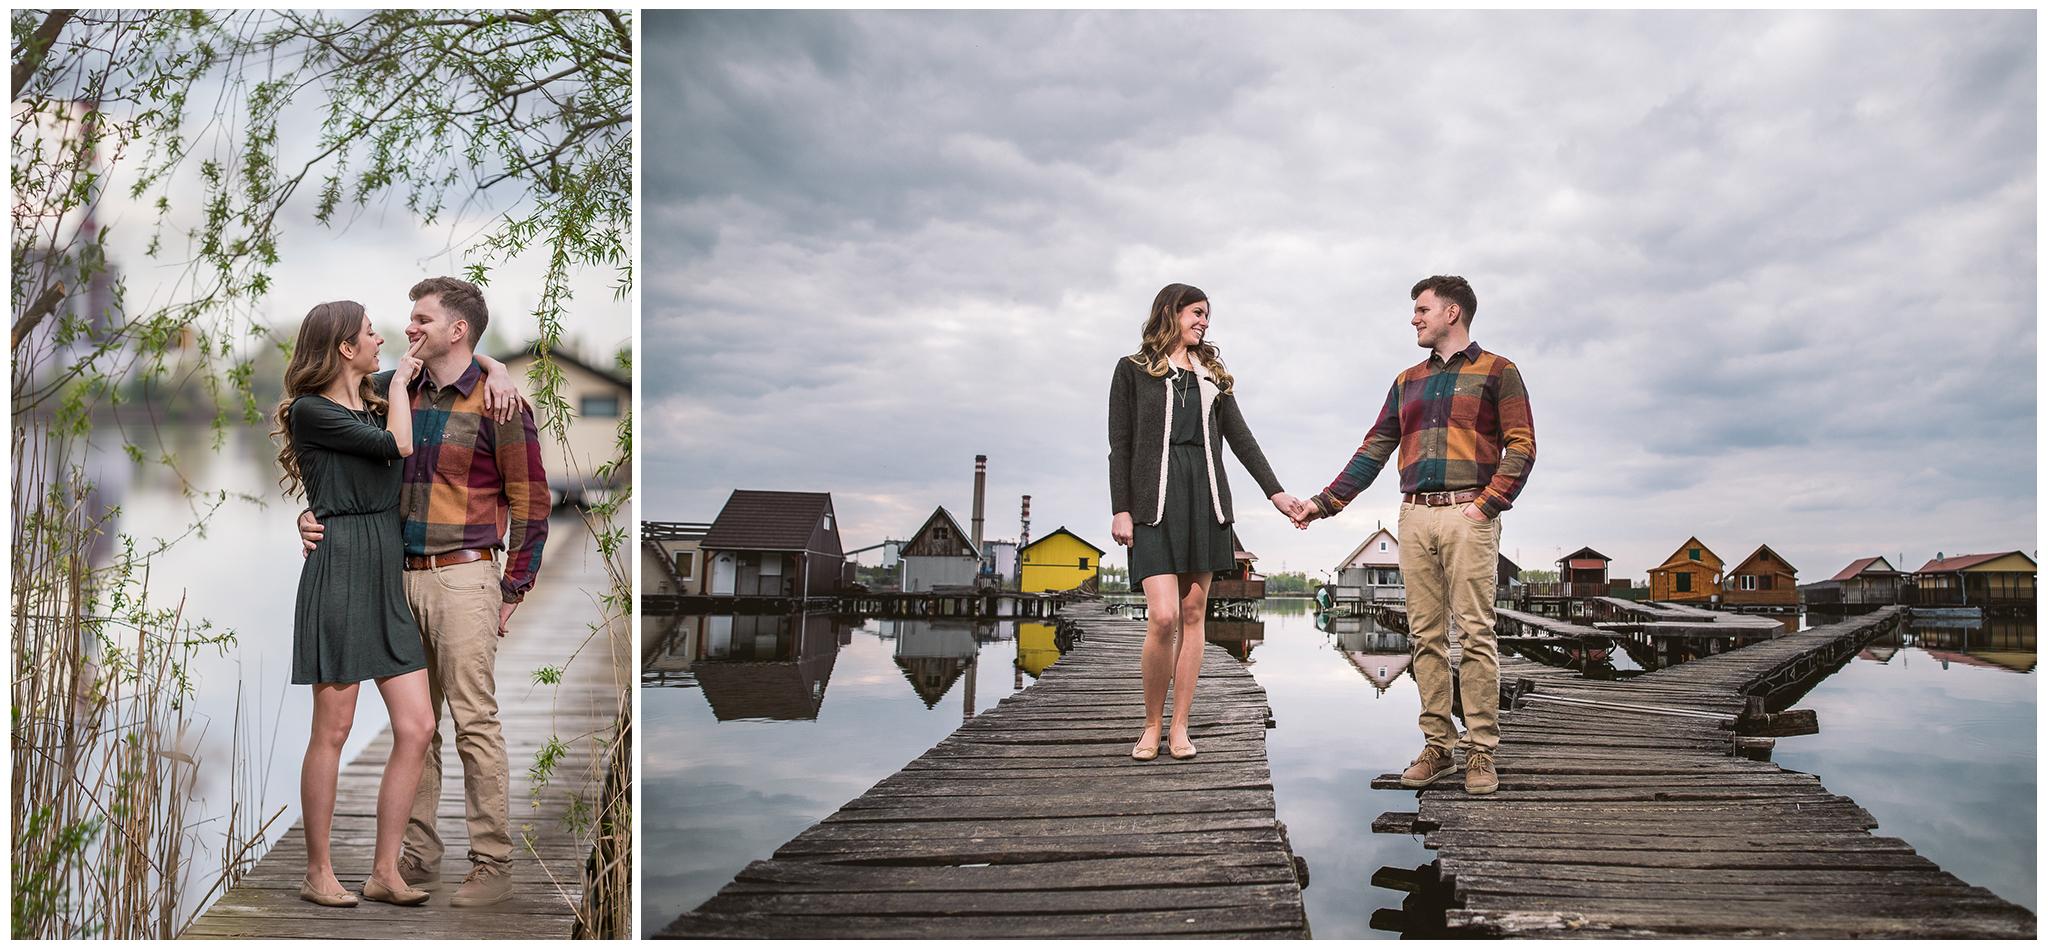 FylepPhoto, esküvőfotózás, magyarország, esküvői fotós, vasmegye, prémium, jegyesfotózás, Fülöp Péter, körmend, kreatív, tihany, Bokod_ 01.jpg